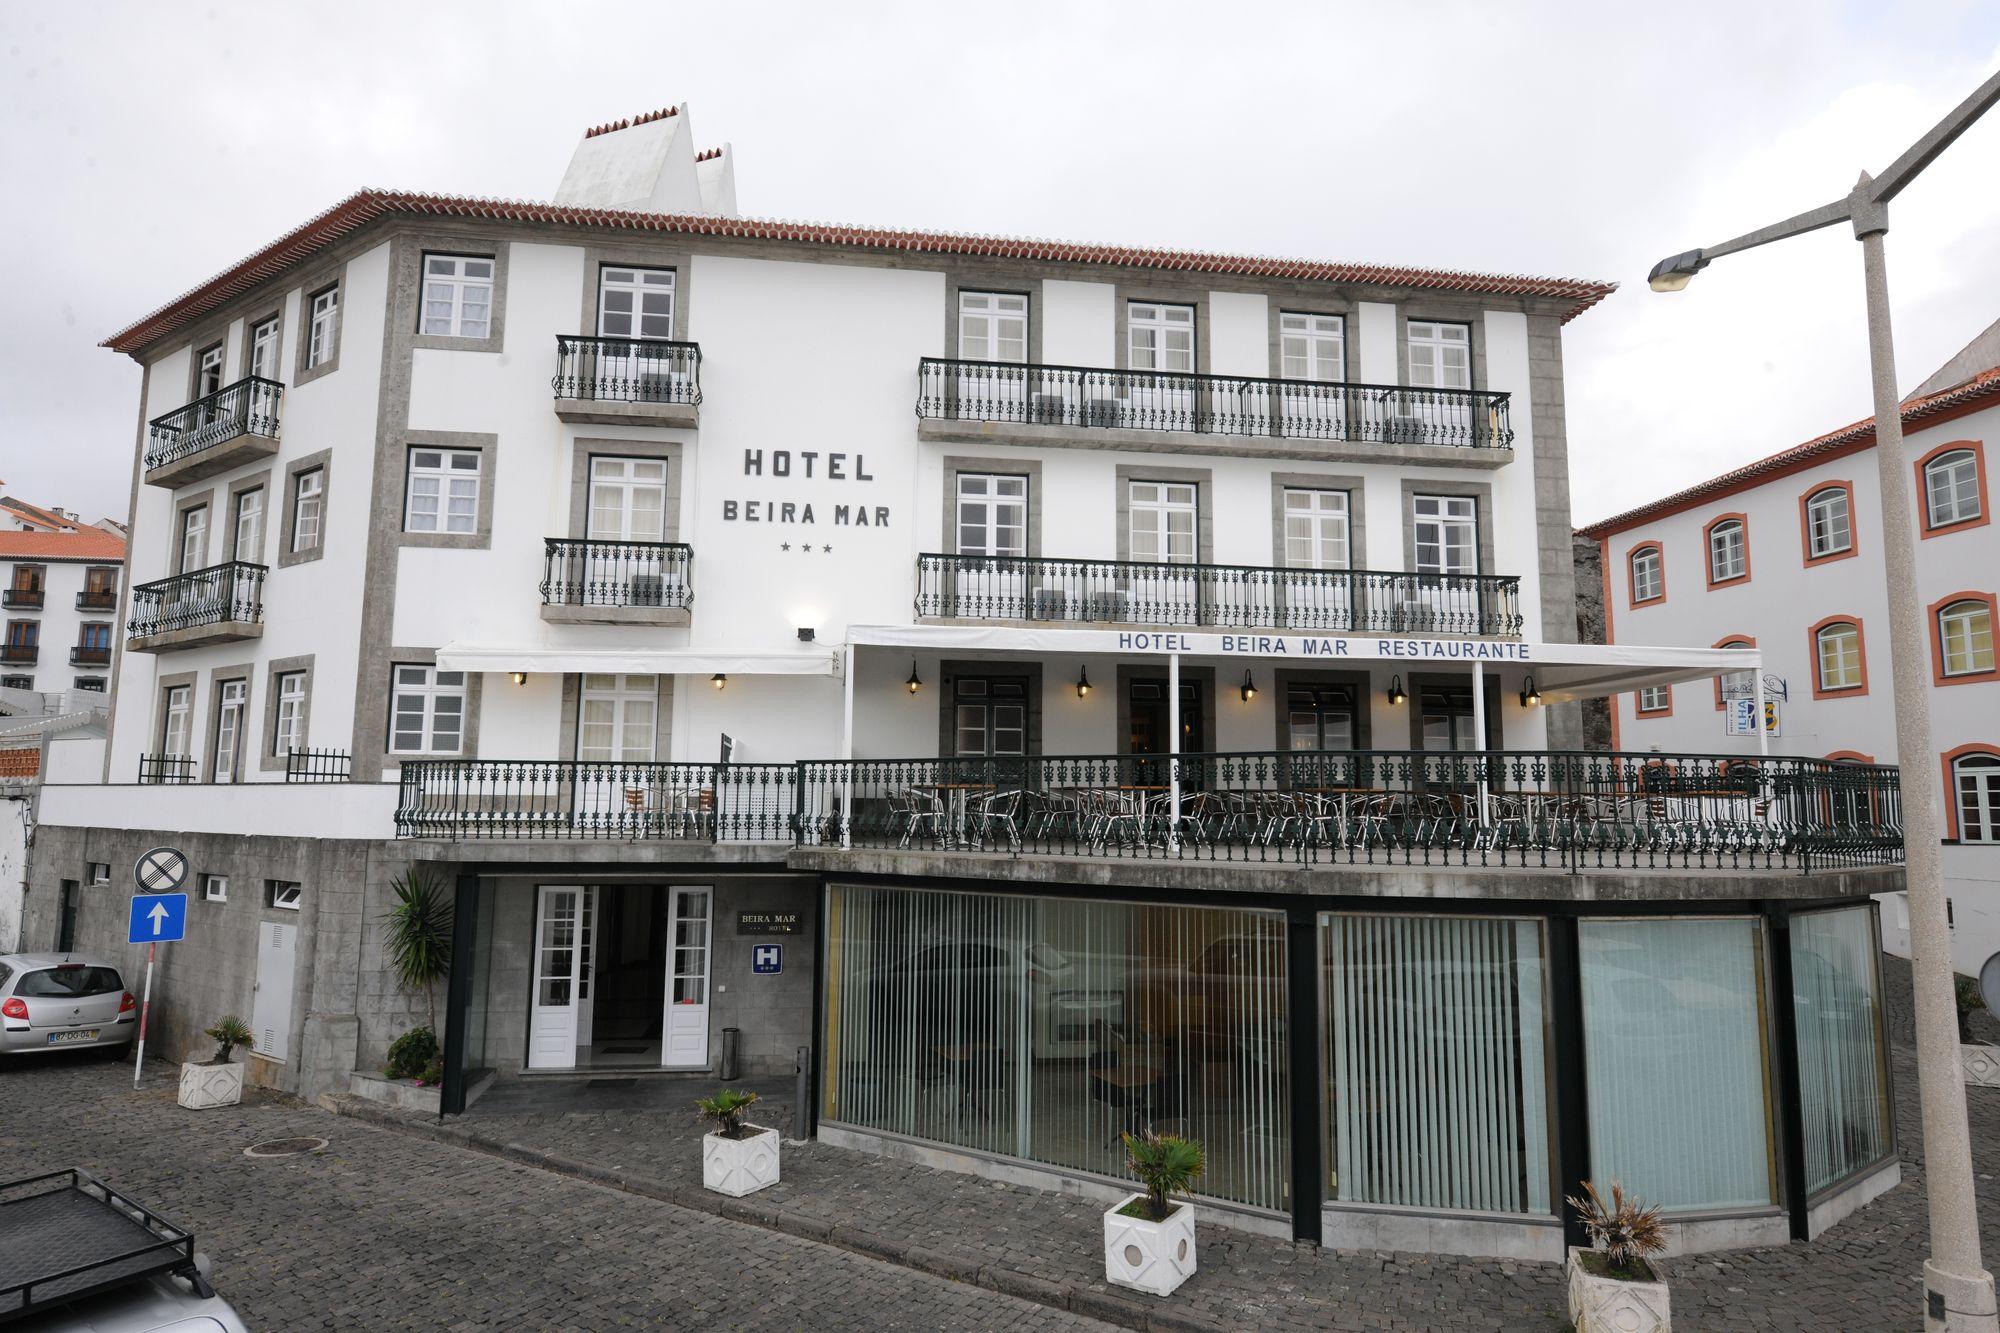 Hotel Beira Mar_Außenansicht